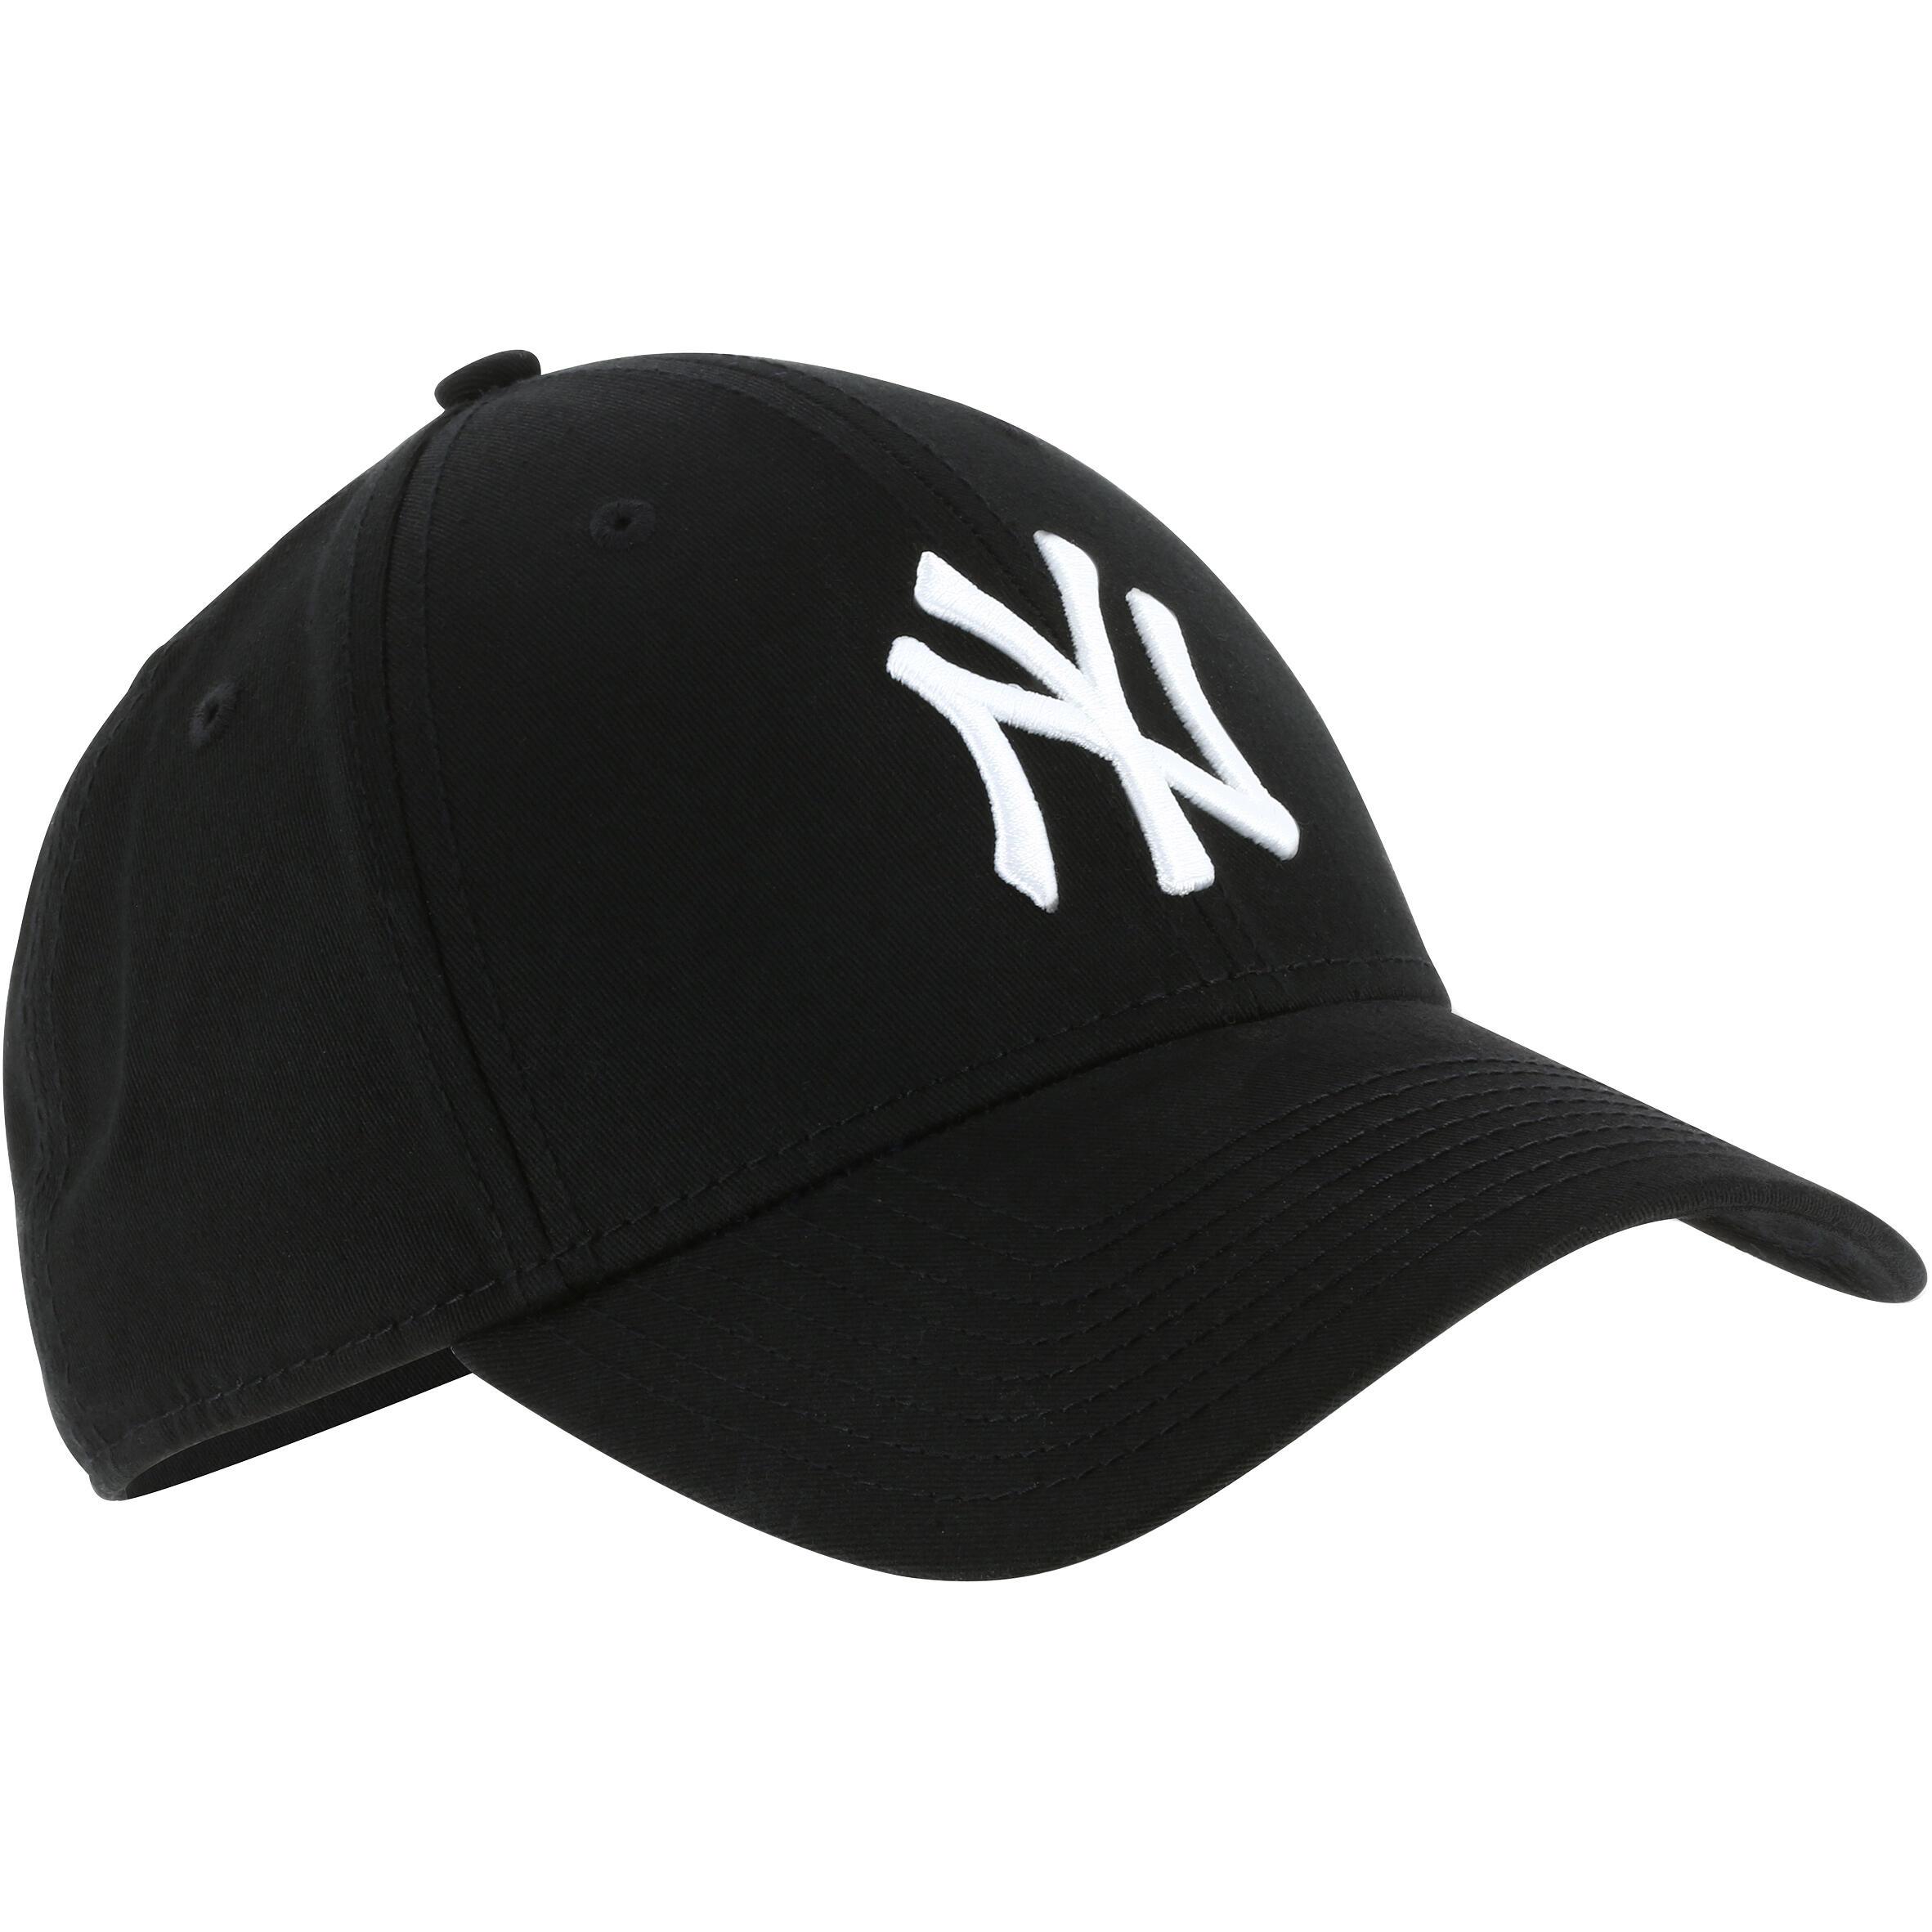 Baseballcap New York Yankees Erwachsene schwarz | Accessoires > Caps > Baseball Caps | Schwarz | New era